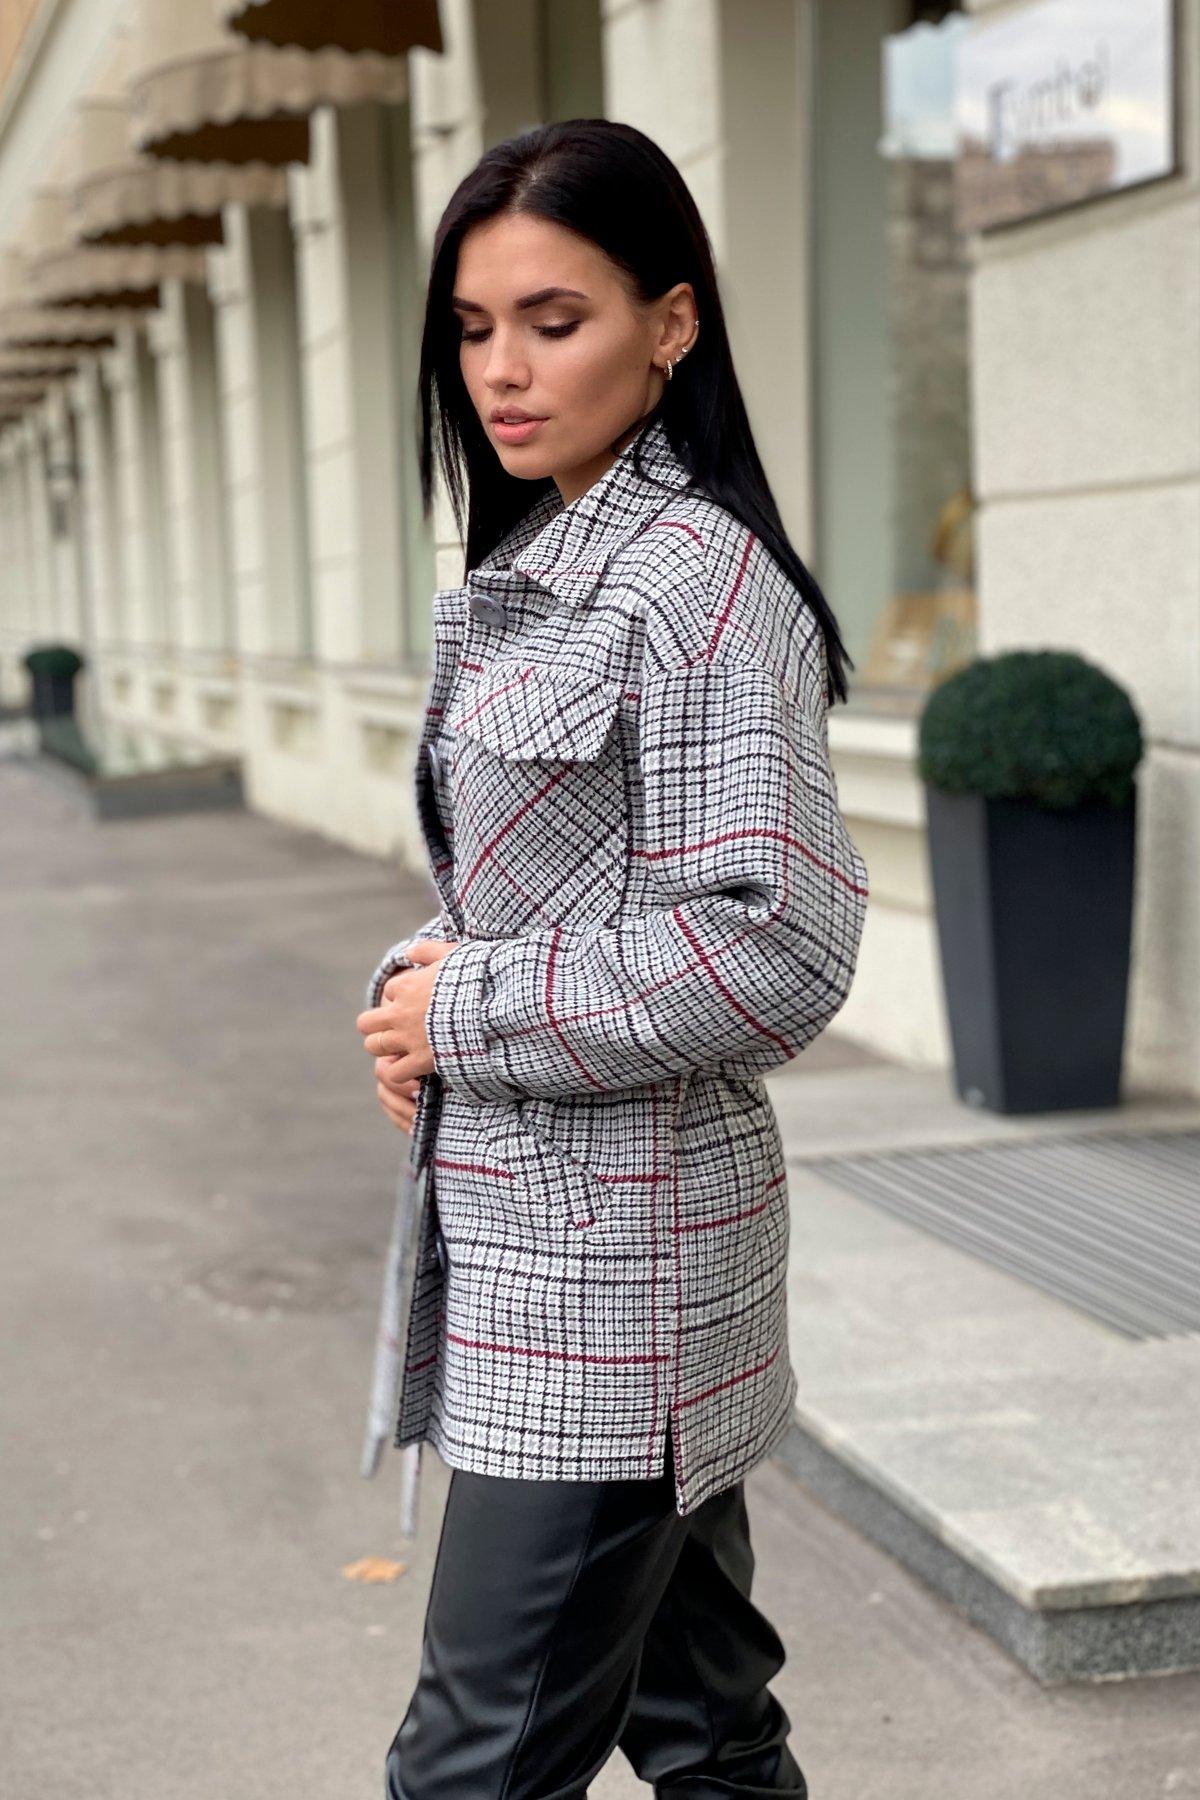 Энрике клетка крупная пальтовая ткань пальто 9036 АРТ. 46157 Цвет: Комби Черный/серый/винный - фото 3, интернет магазин tm-modus.ru